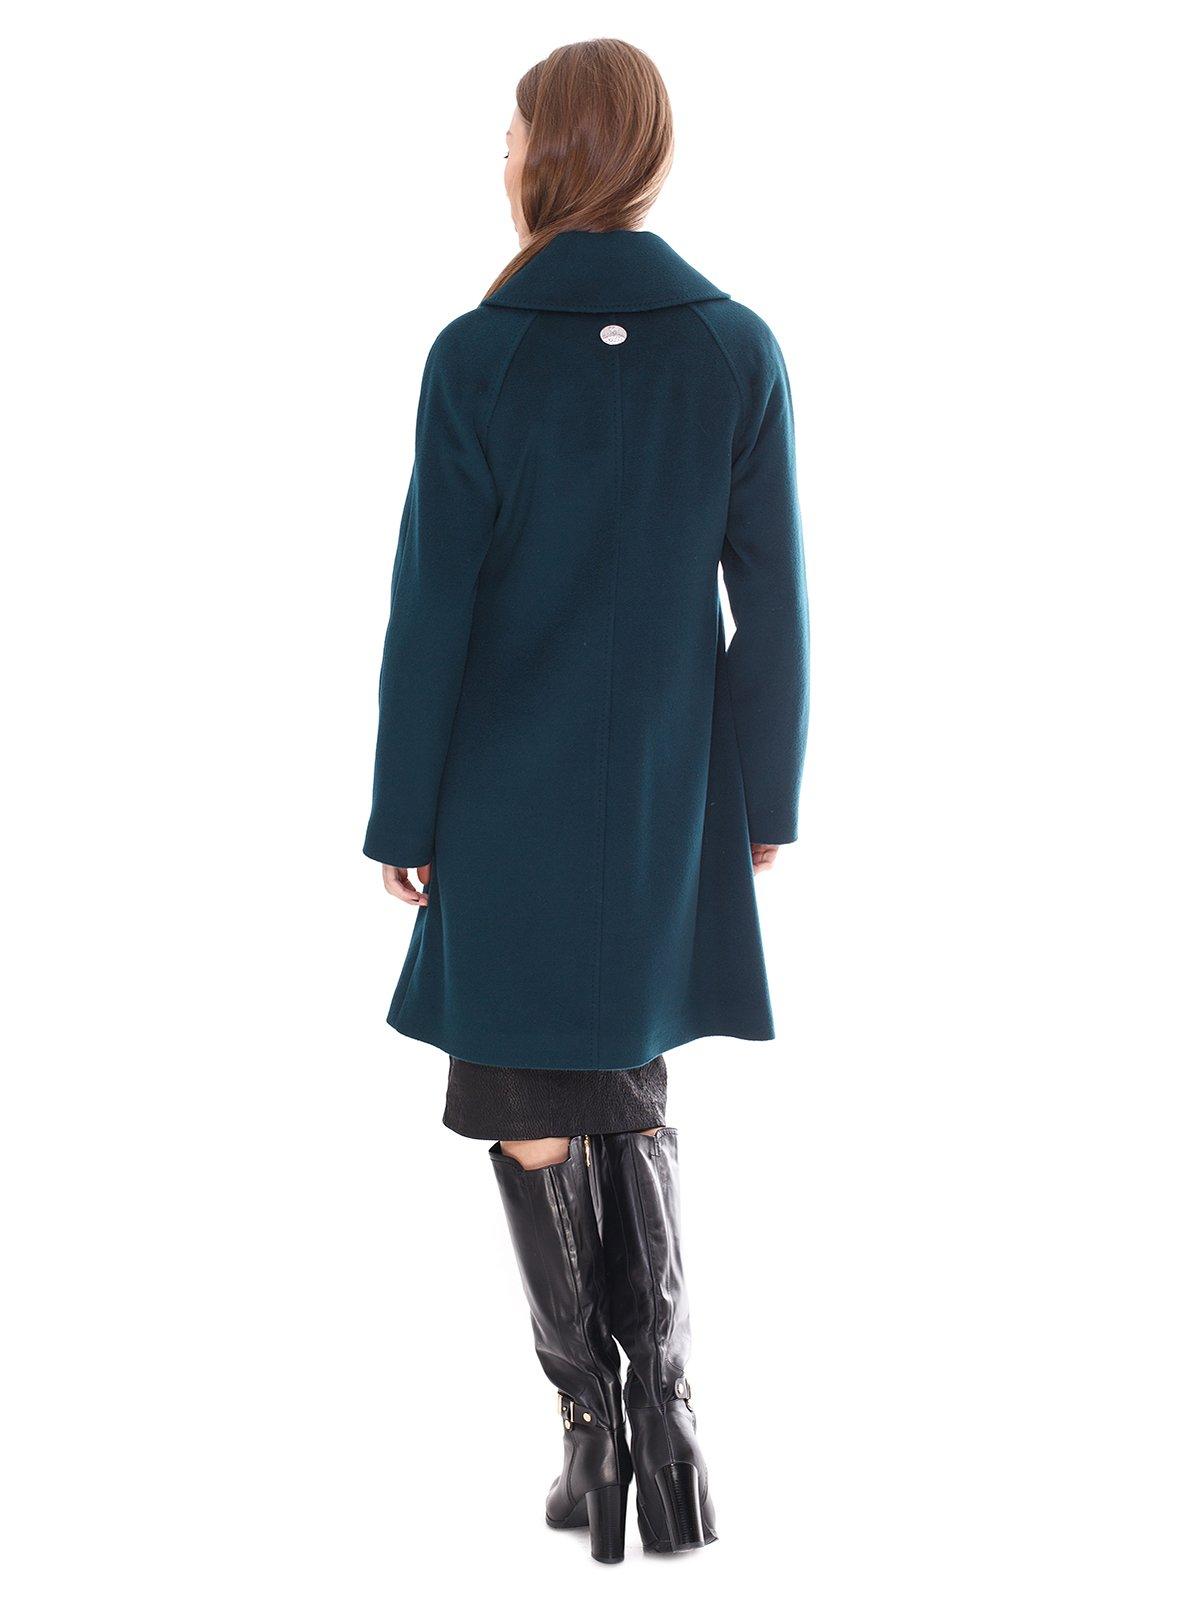 Пальто зеленое | 2083638 | фото 3